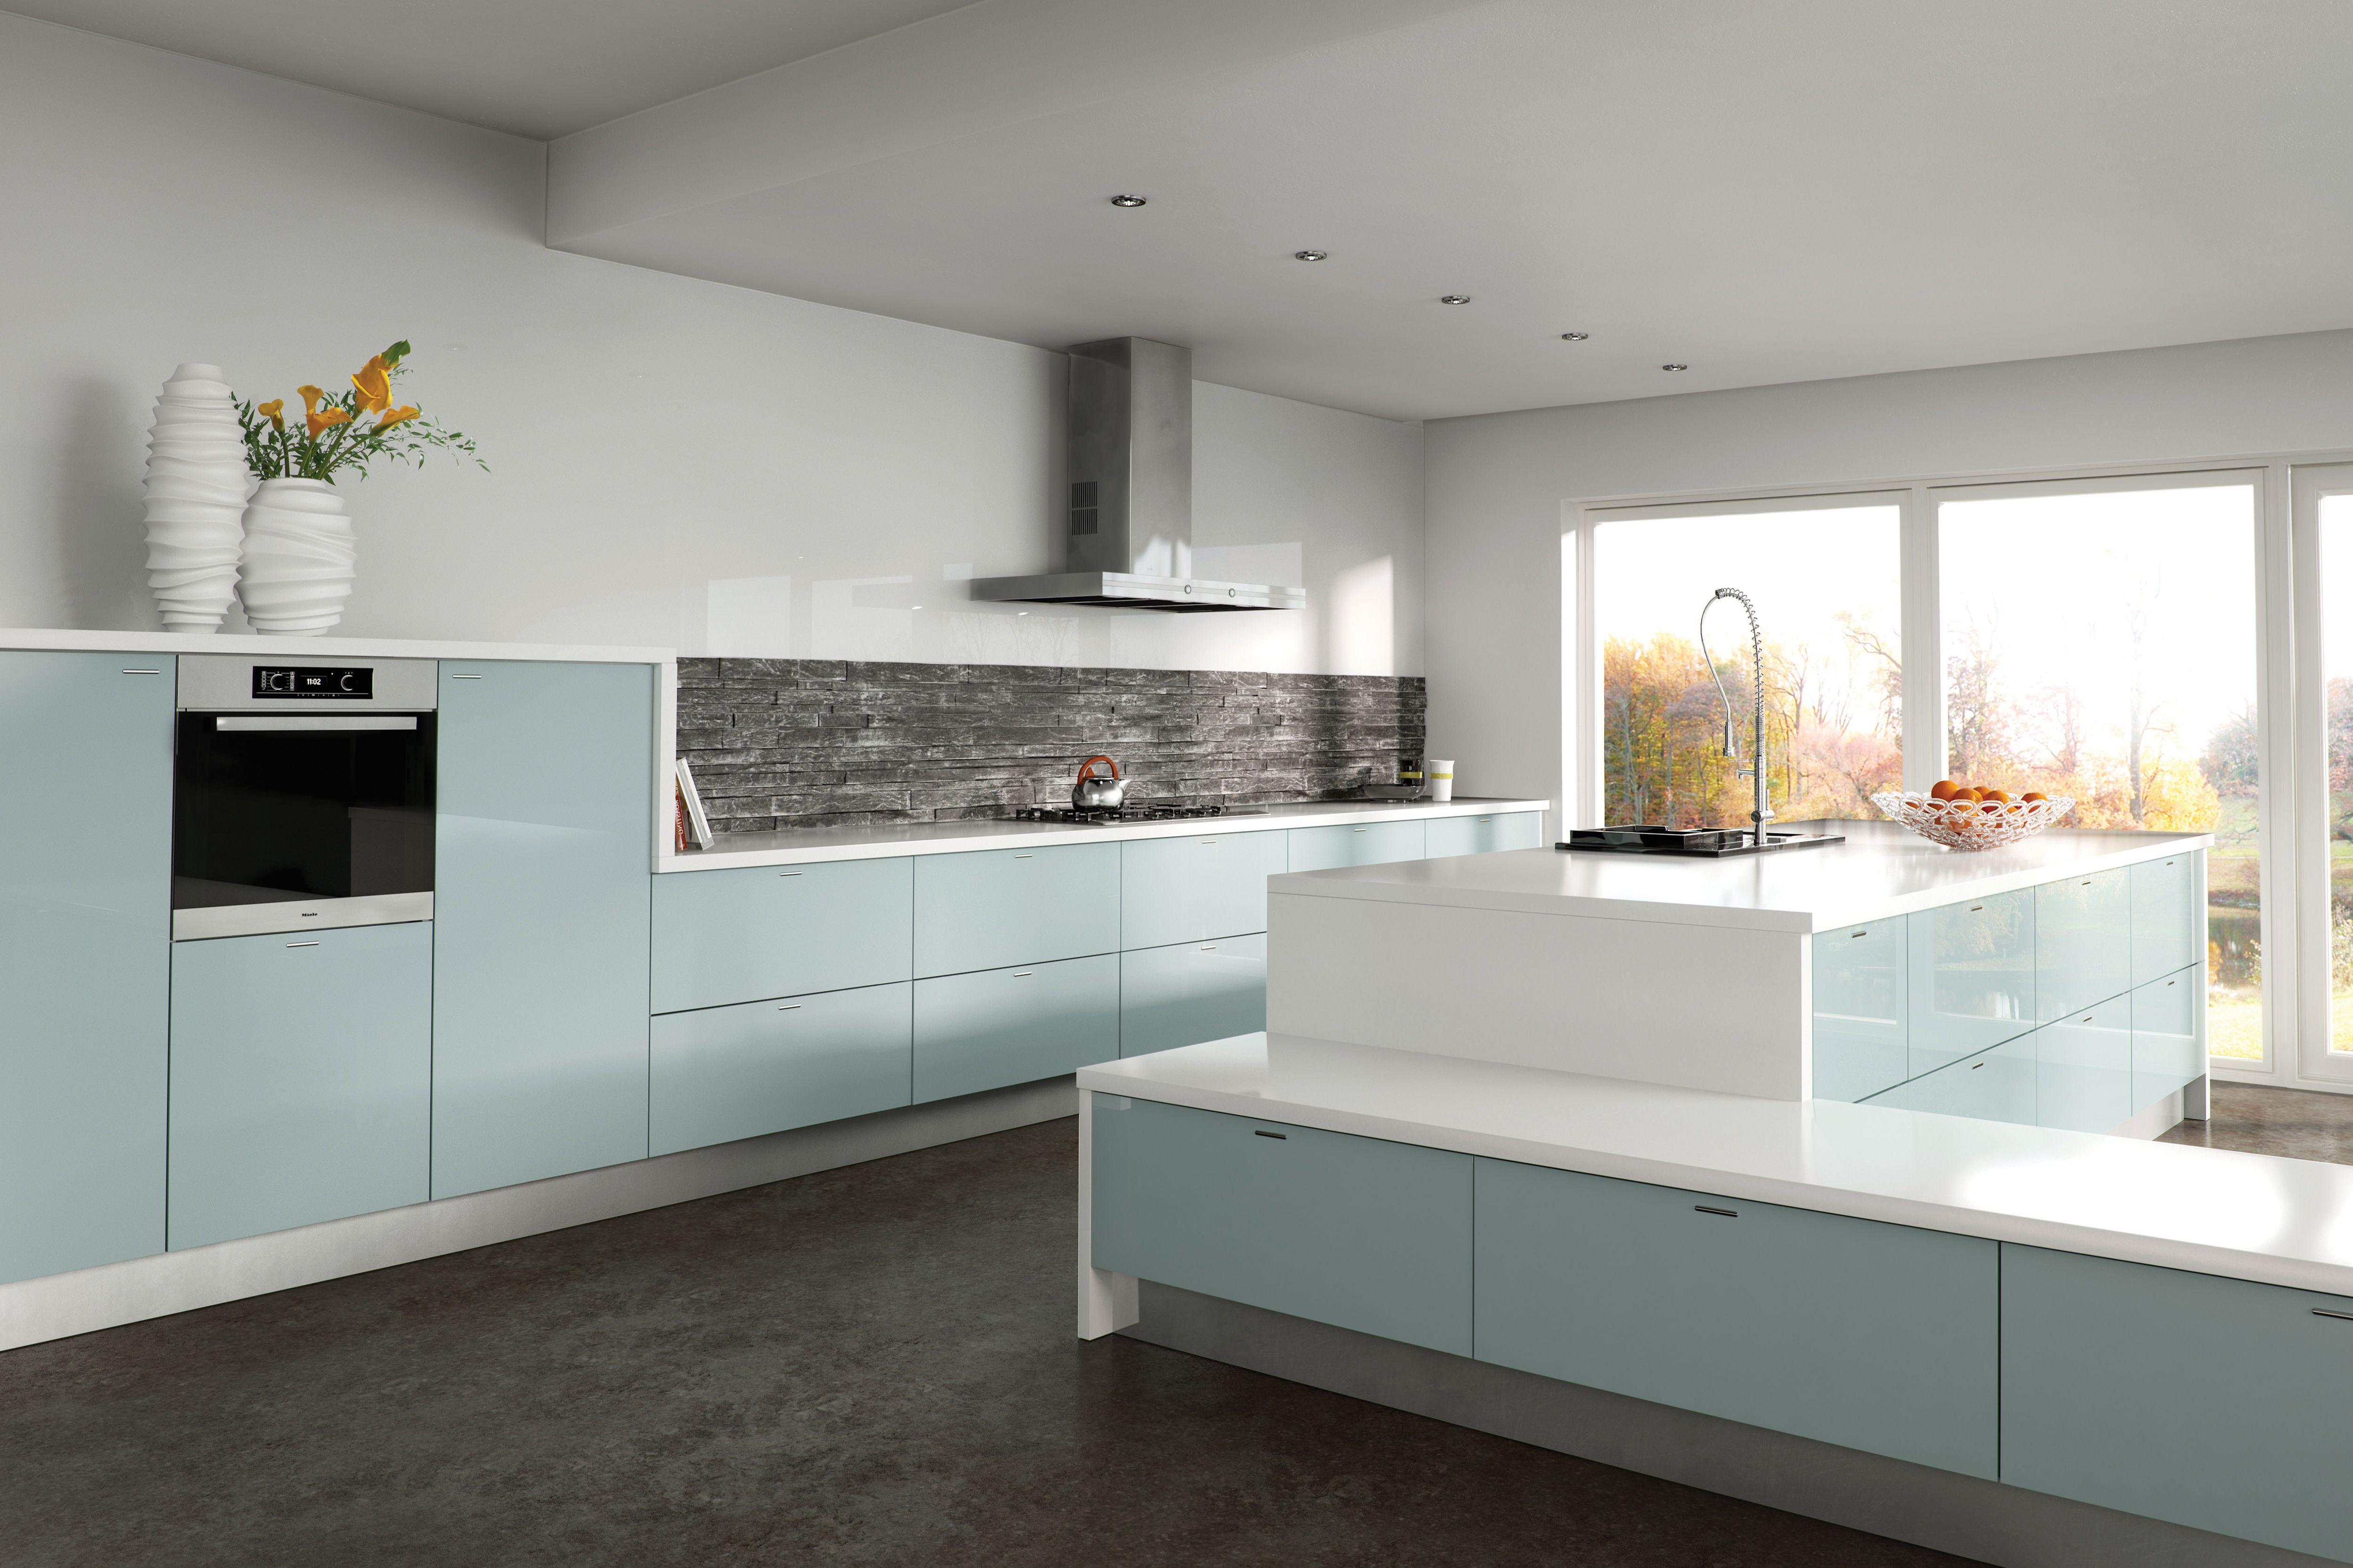 Zurfiz Metallic Blue High Gloss Acrylic Kitchen Doors Kitchen Design Modern Kitchen Furniture Kitchens And Bedrooms